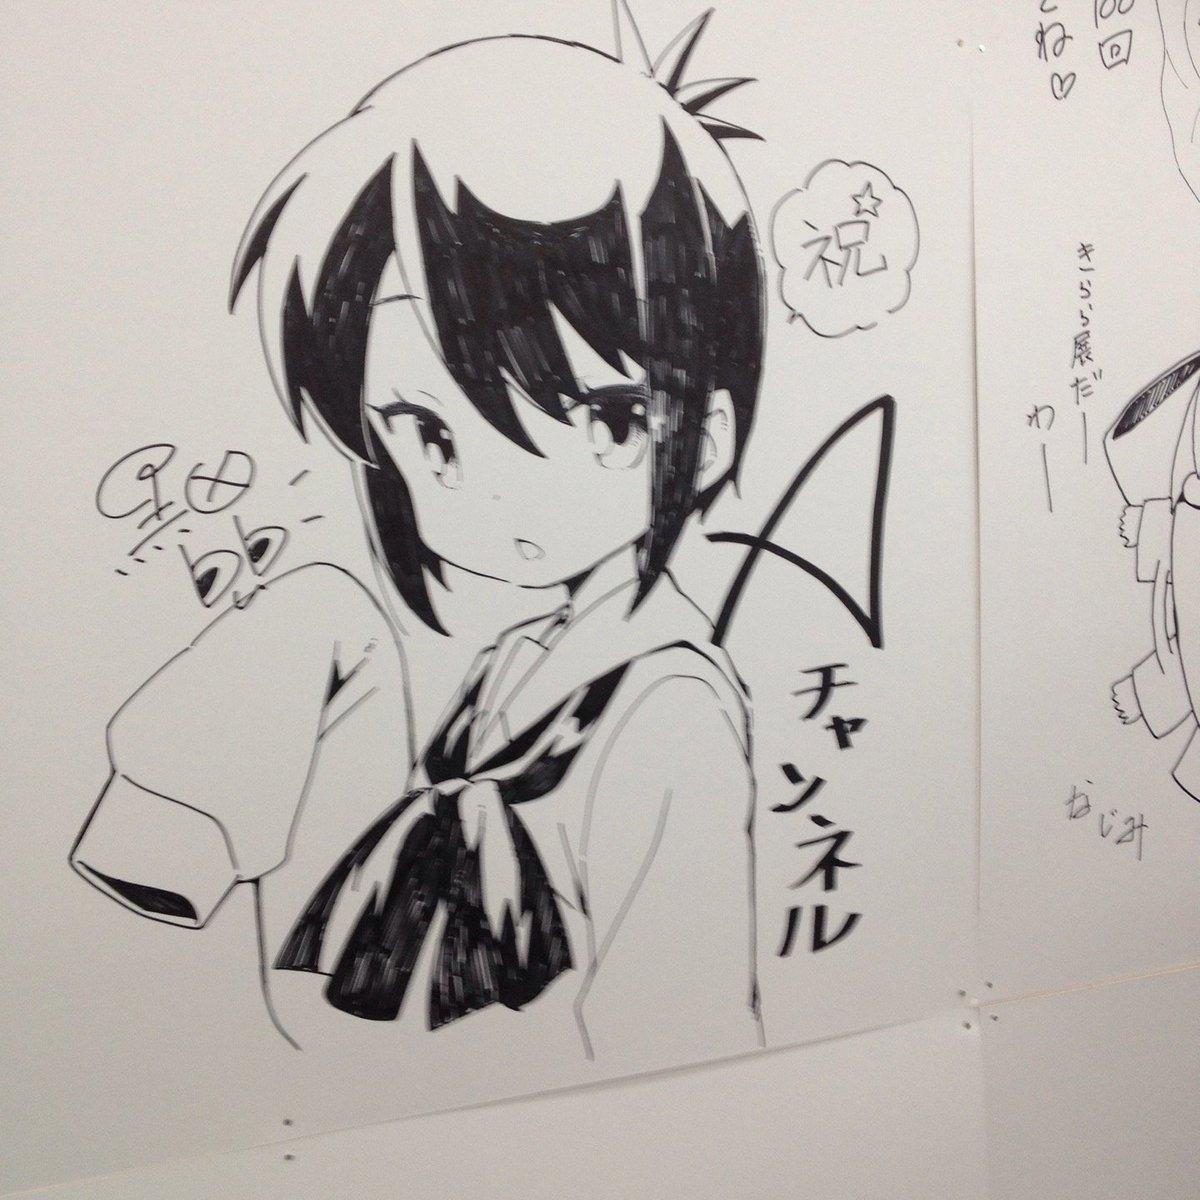 アーツ千代田3331 まんがタイムきらら展 黒田bb先生 トオル(Aチャンネル)